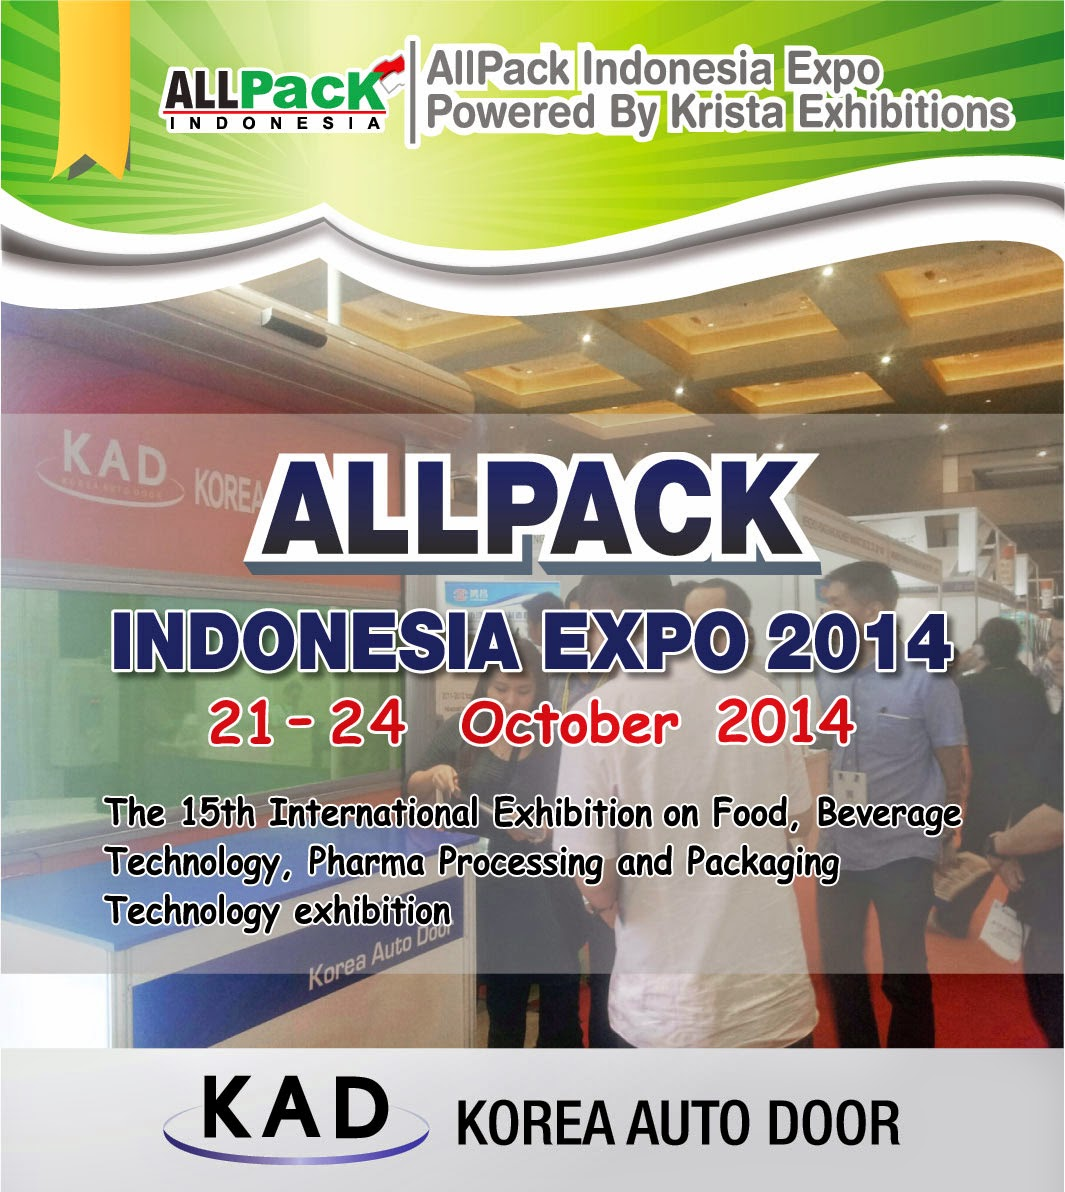 kad high speed door banner of allpack indonesia